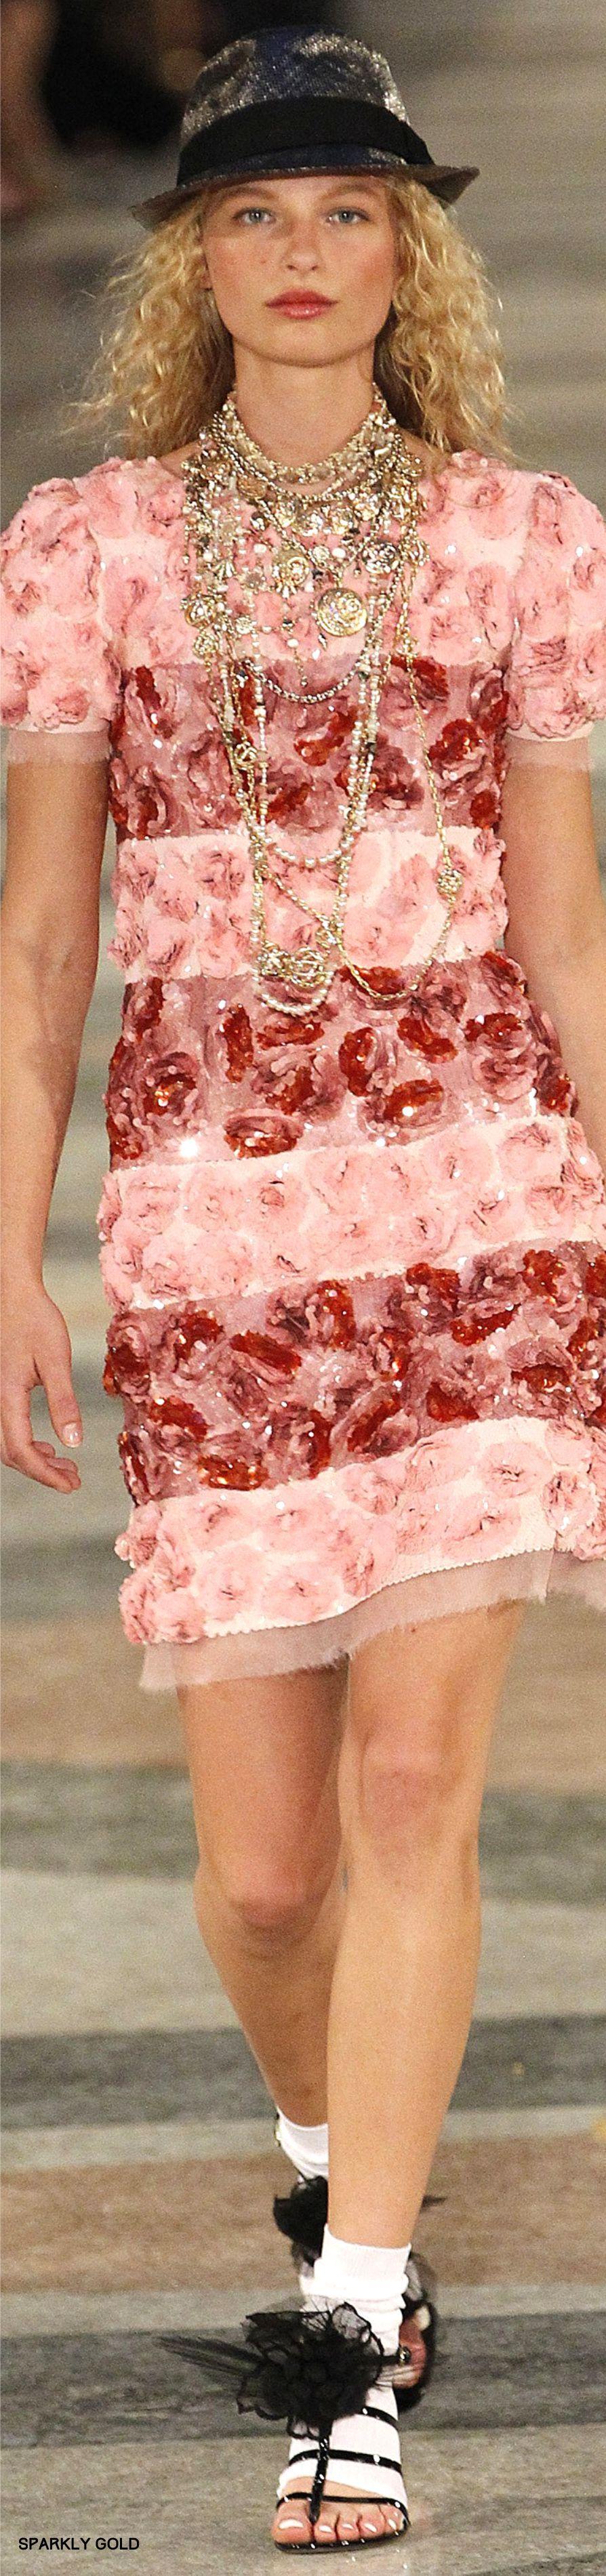 Ontwerpster: Coco Chanel Ik vind deze jurk niet erg mooi. Ik vind het leuk het contrast met roze en rood alleen de bloemen maken het voor mij te druk en maken het ook erg truttig. Het is een typisch zomerjurkje en je zou hem ook op geen enkele andere gelegenheid dan een zomerfeest kunnen dragen.